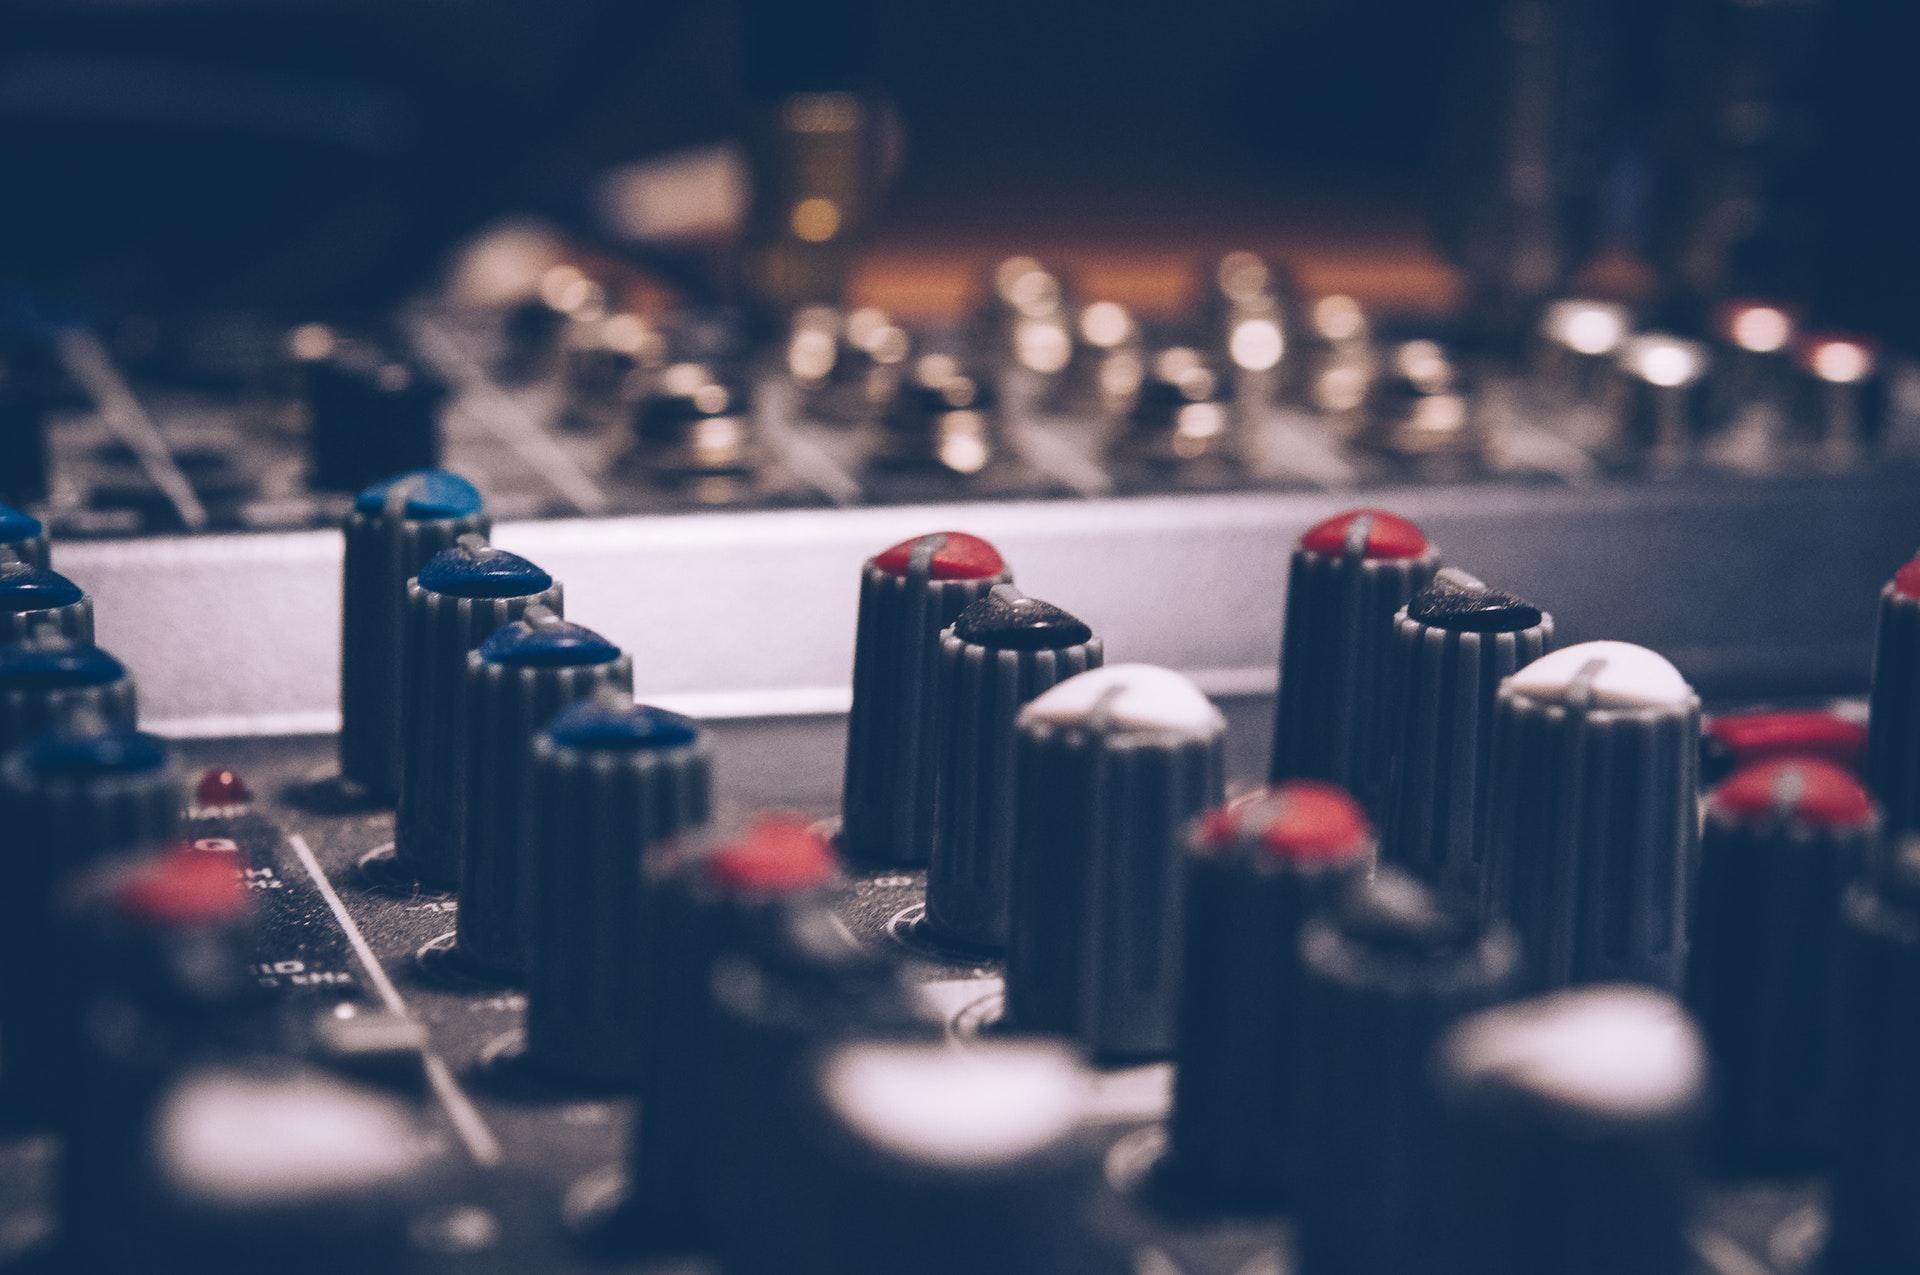 عکس زمینه اکولایزر صوتی ماکرو شات در استدیوی موسیقی پس زمینه